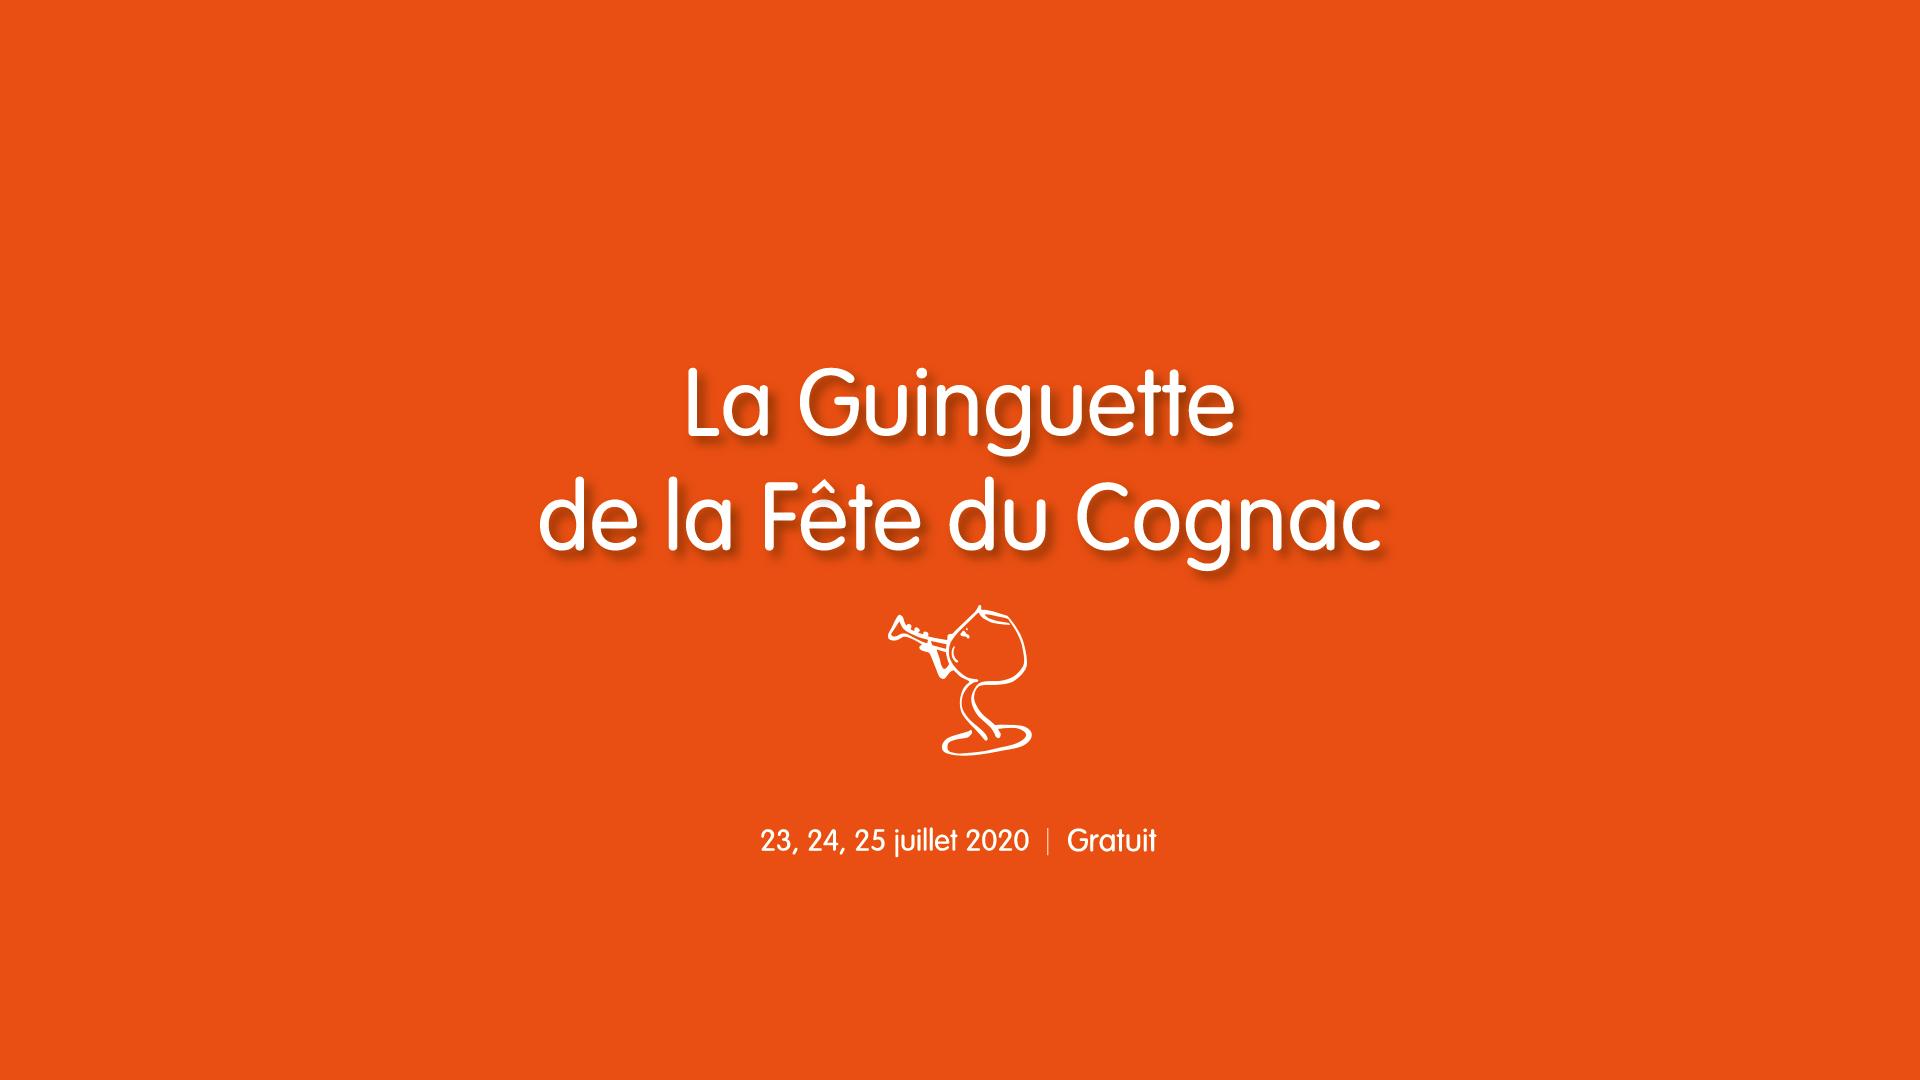 Guinguette de la Fête du Cognac